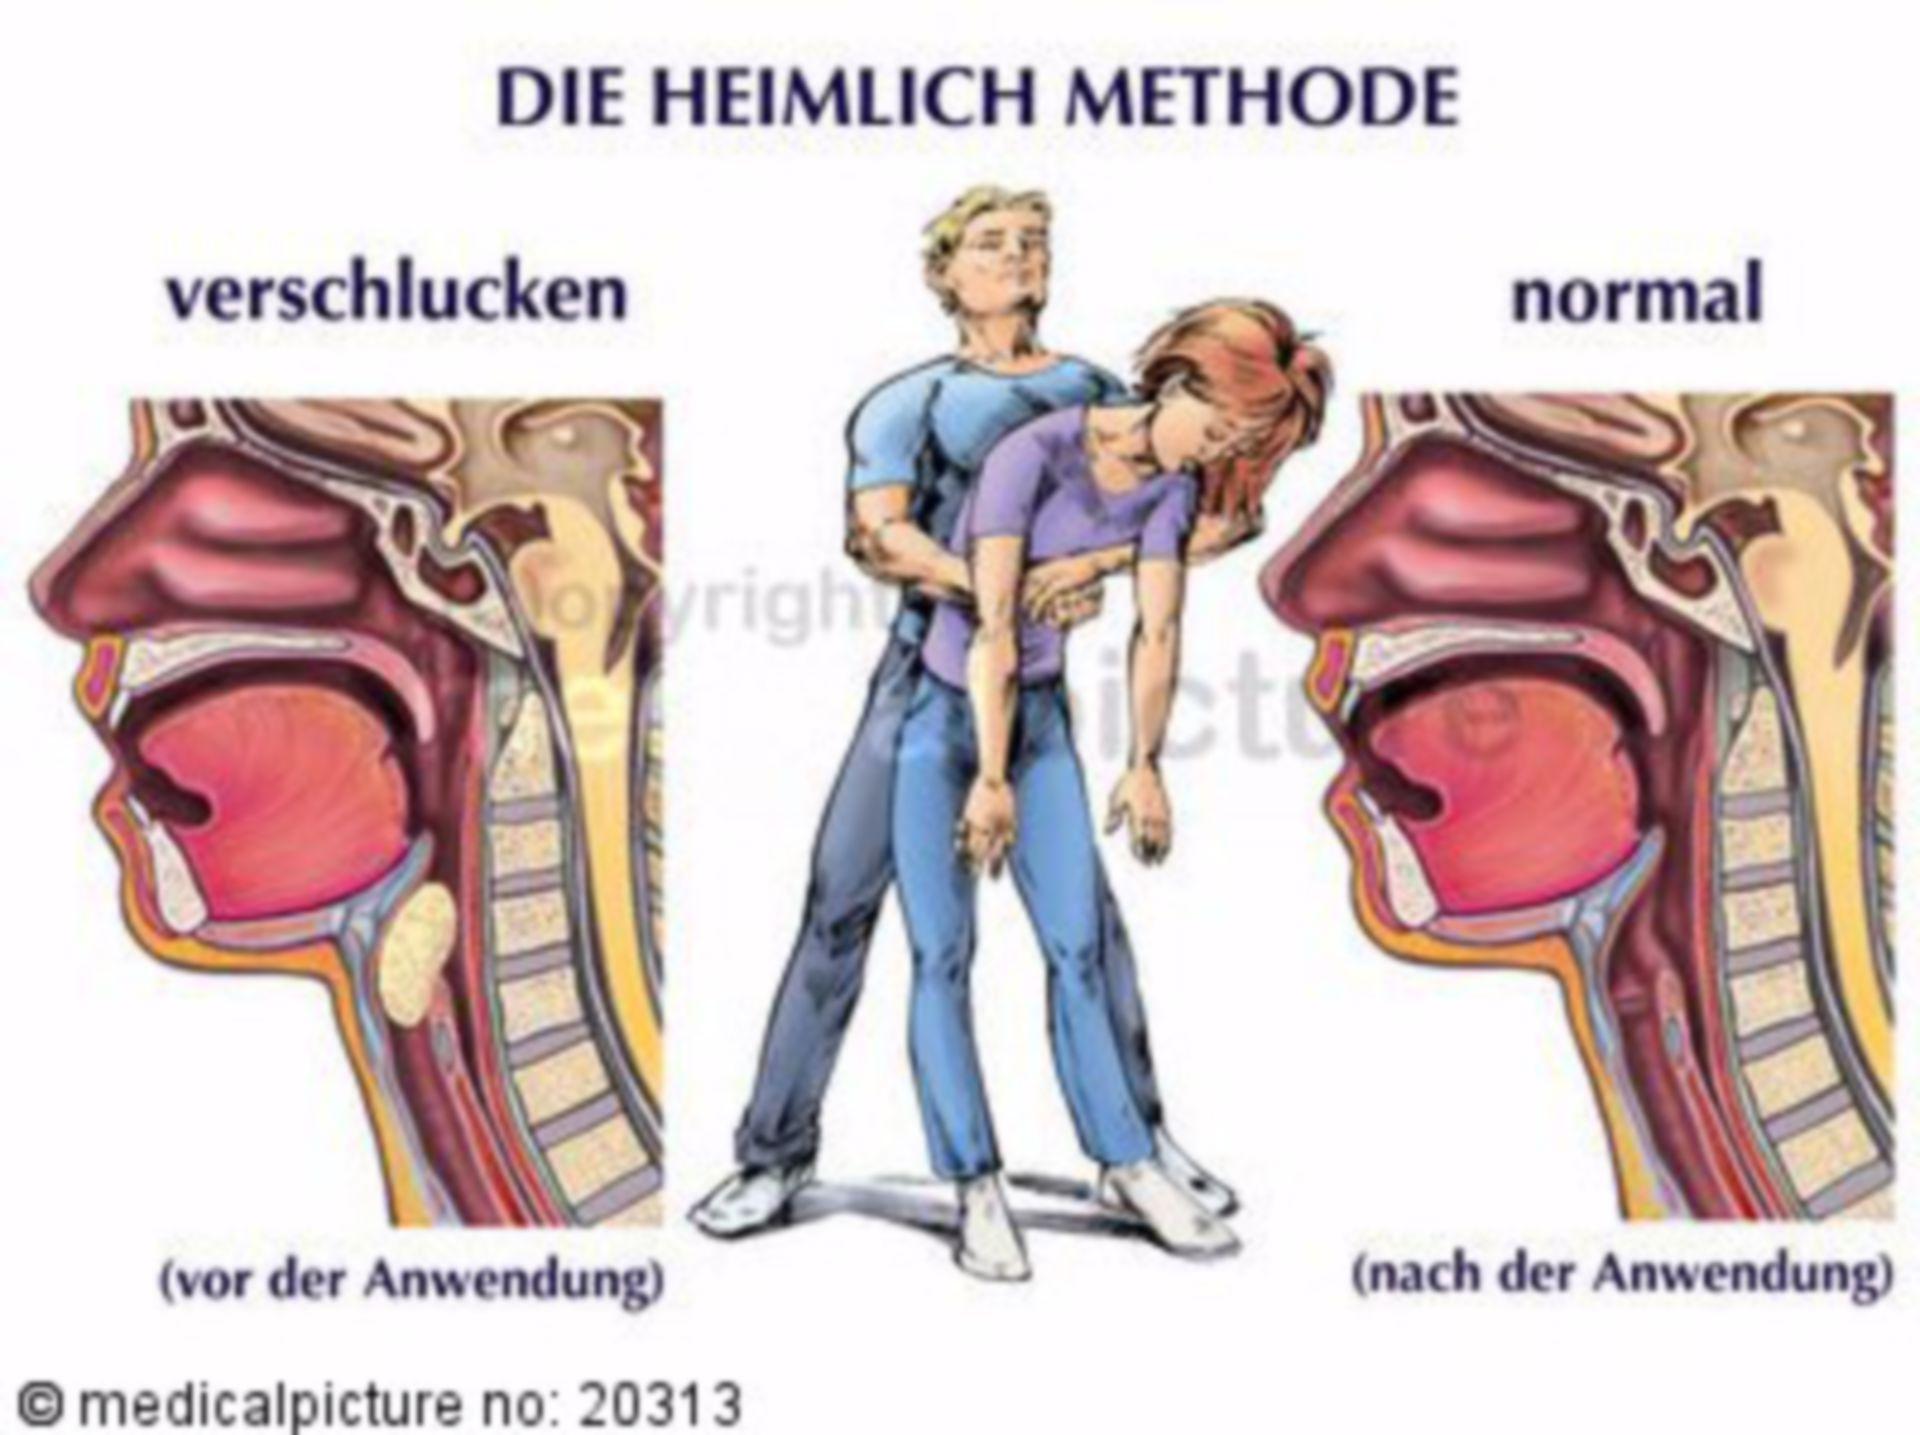 Heimlich-Handgriff